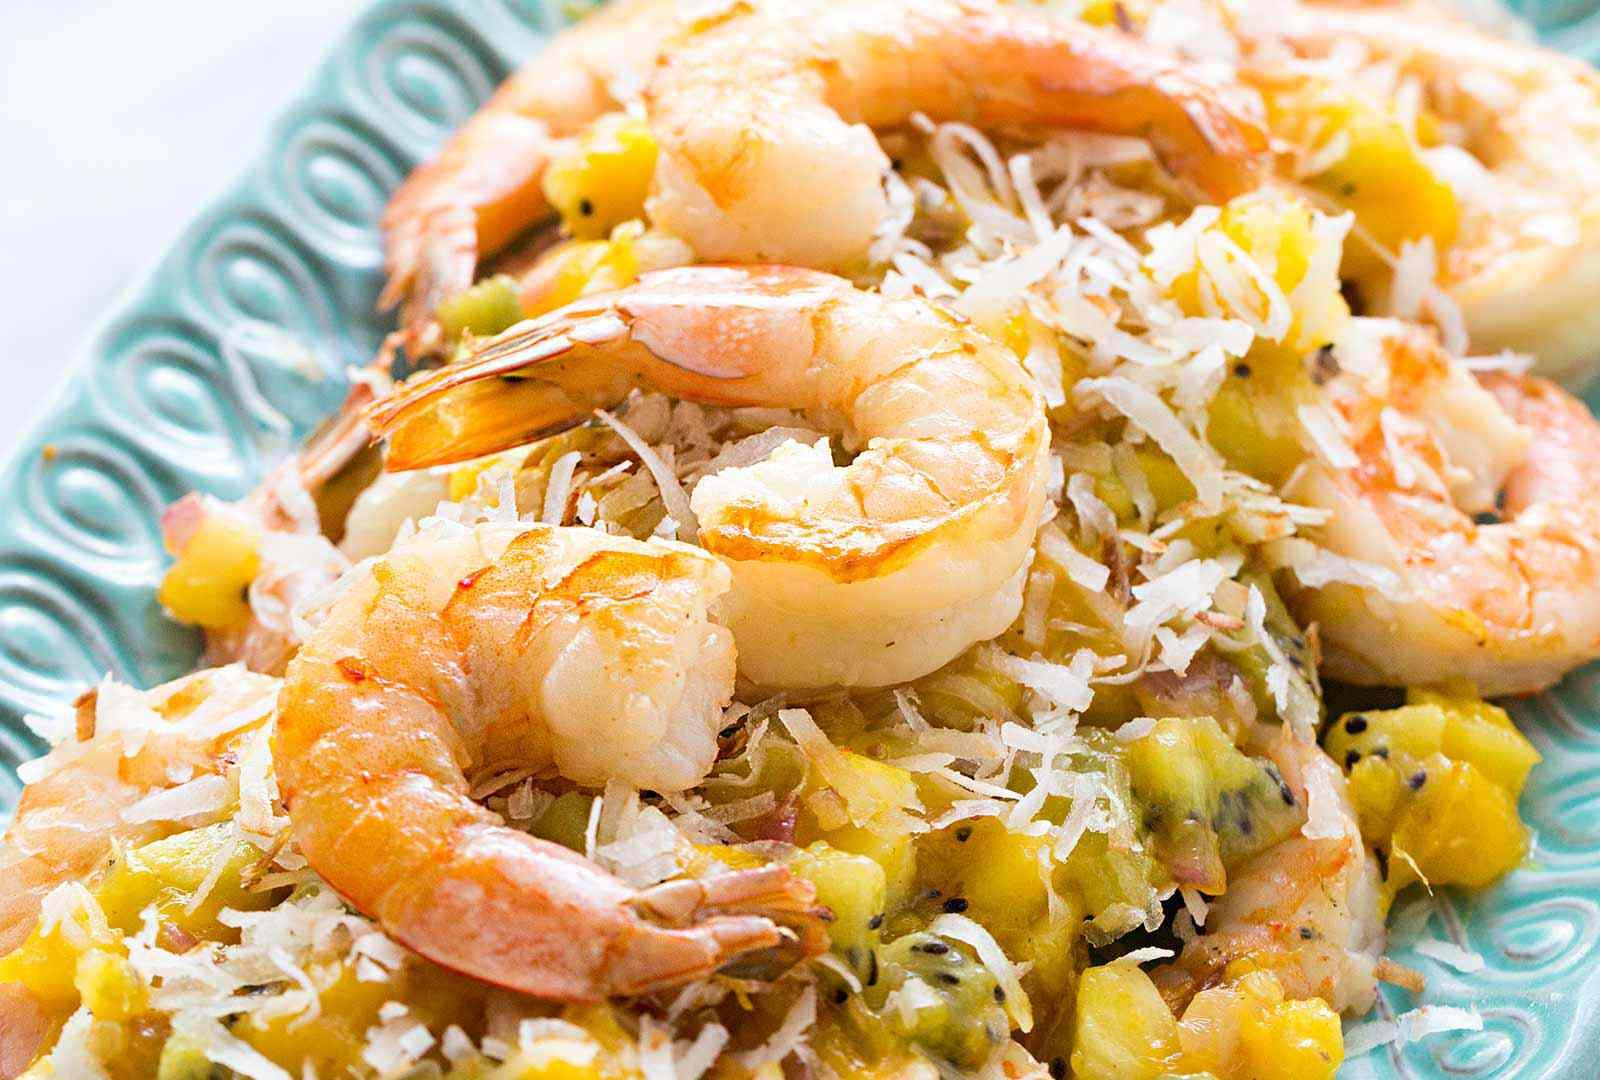 Sautéed Shrimp with Warm Tropical Salsa